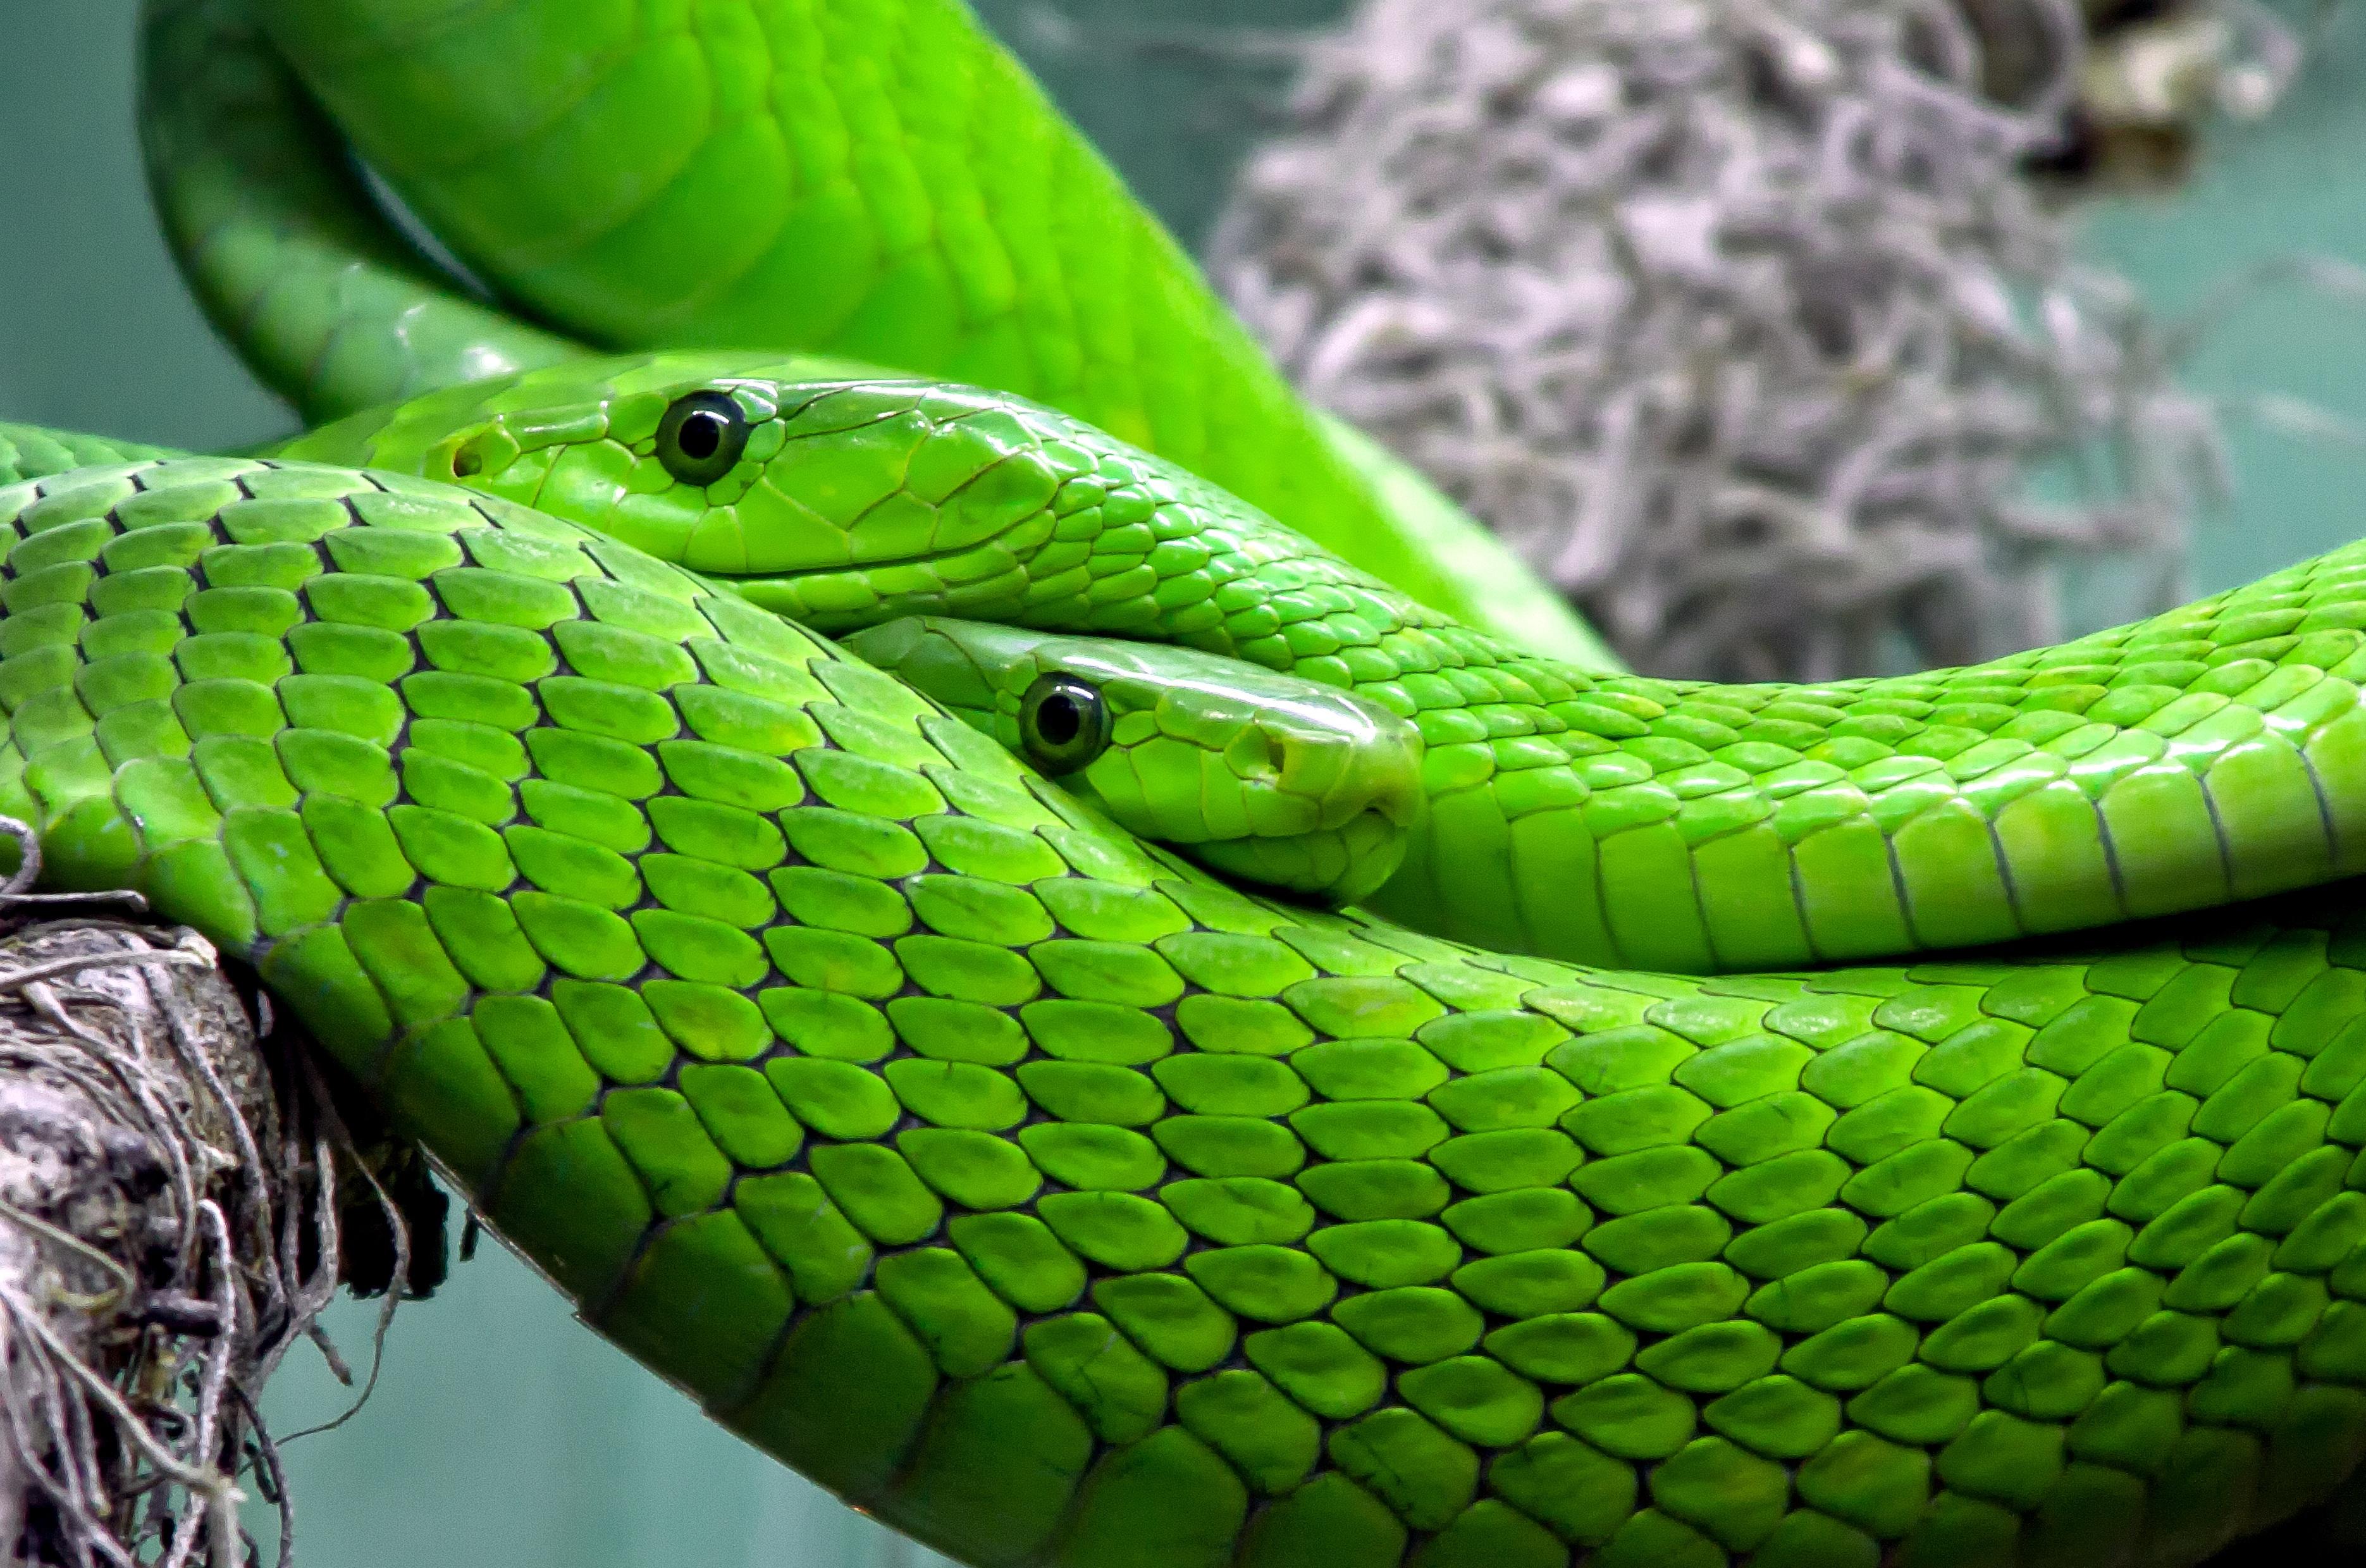 snake-mamba-green-mamba-toxic-38268